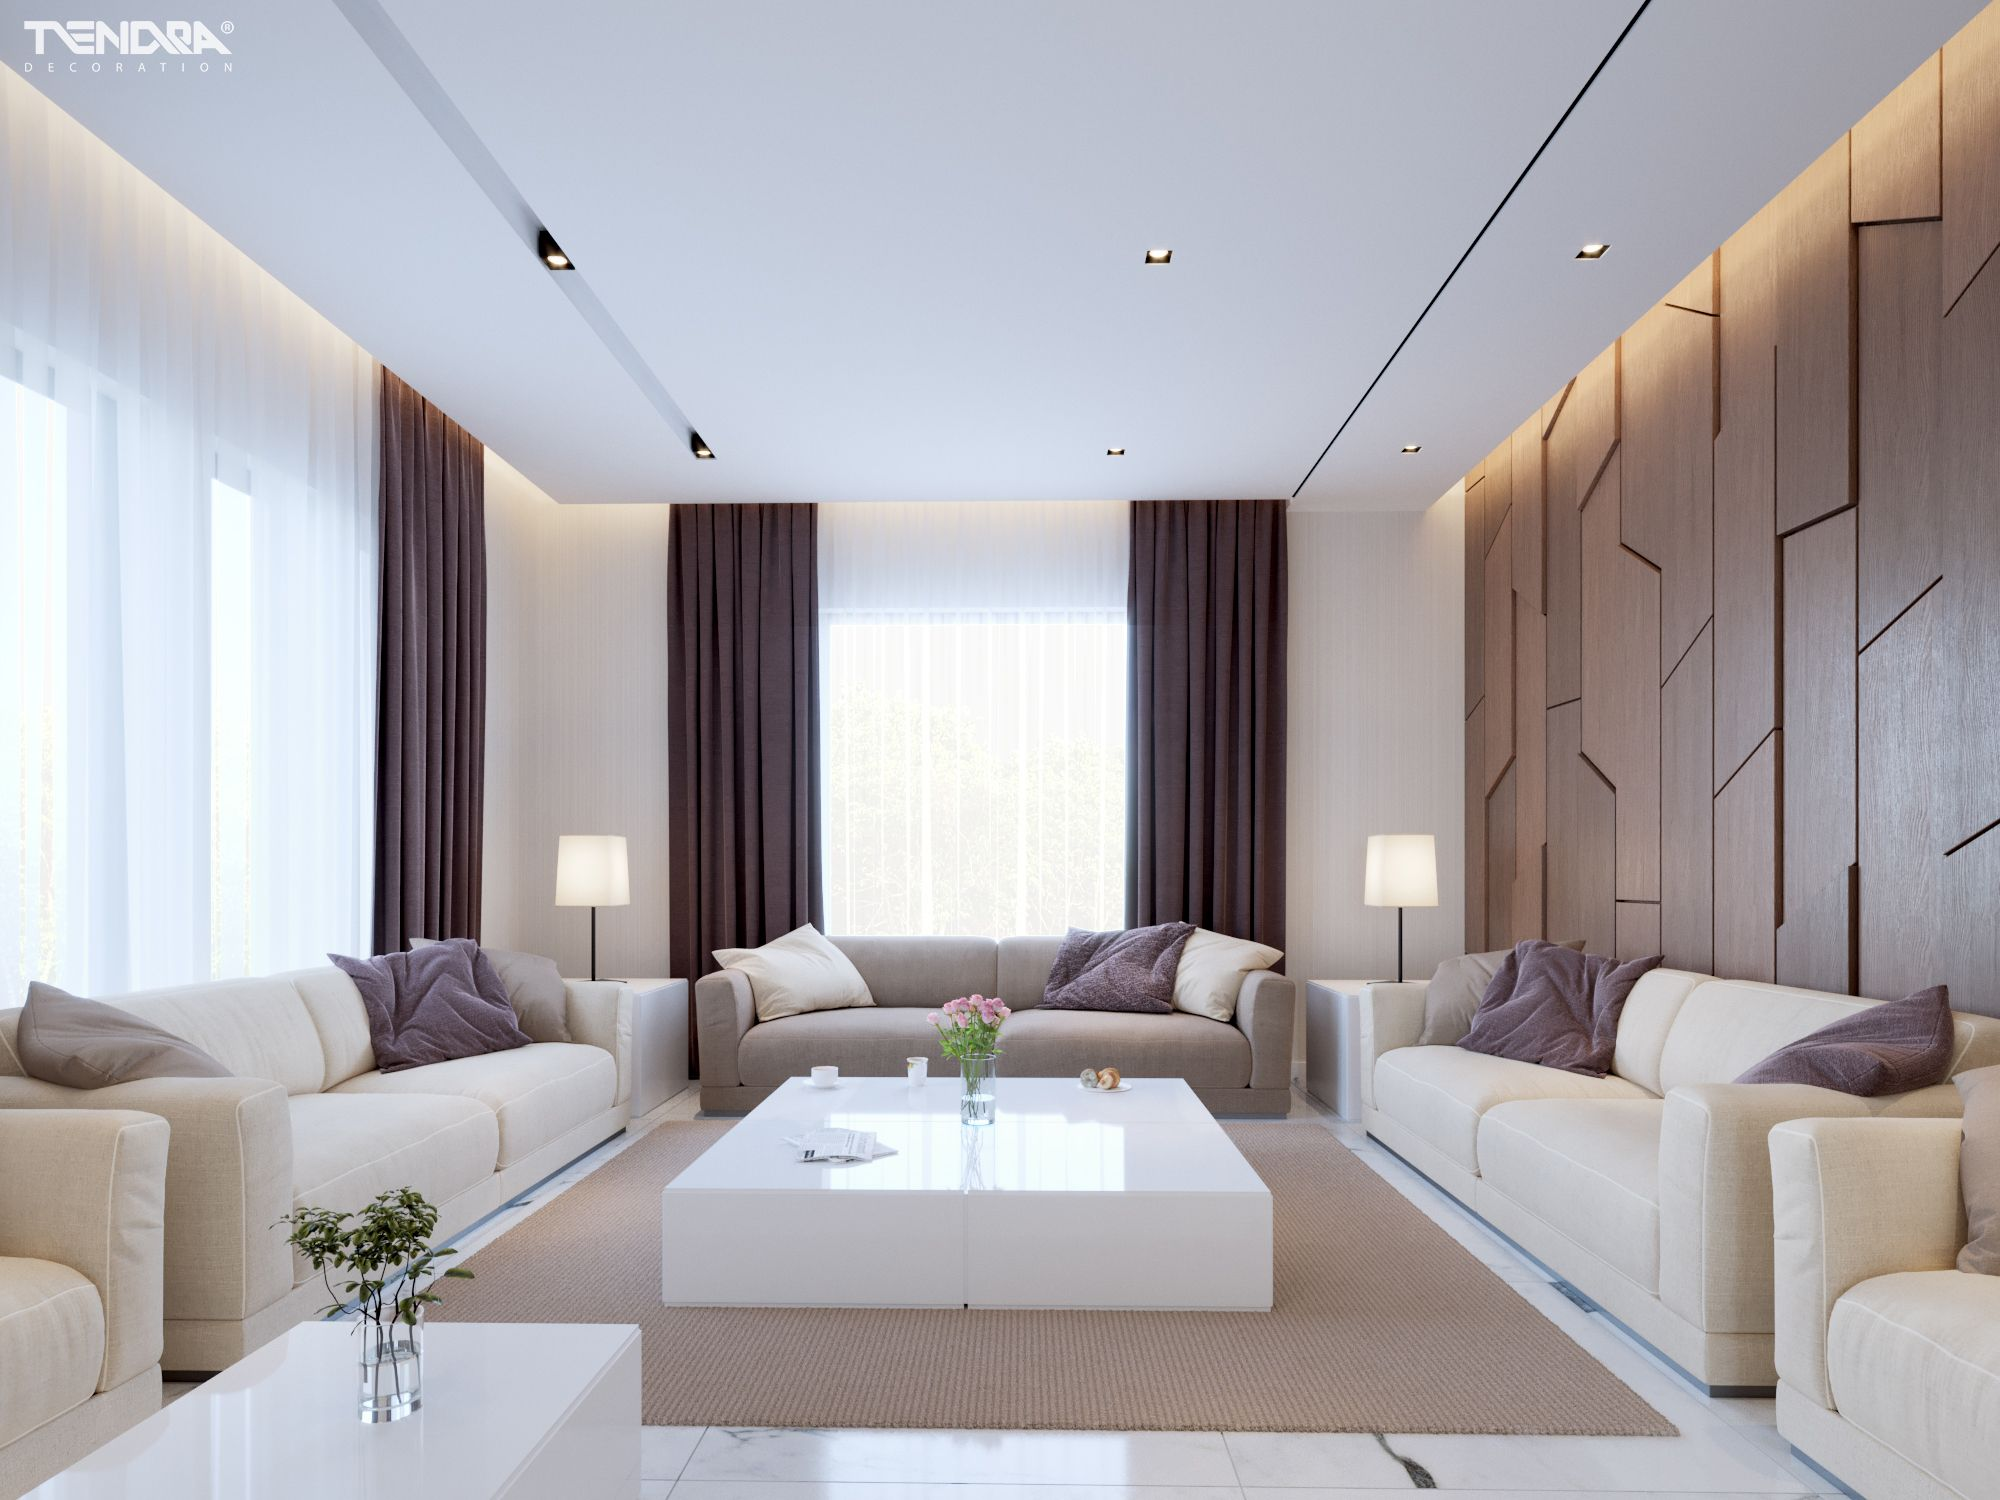 Na Villa Interior Design Dining Room Contemporary Decor Living Room Ceiling Design Living Room Living room ideas villa